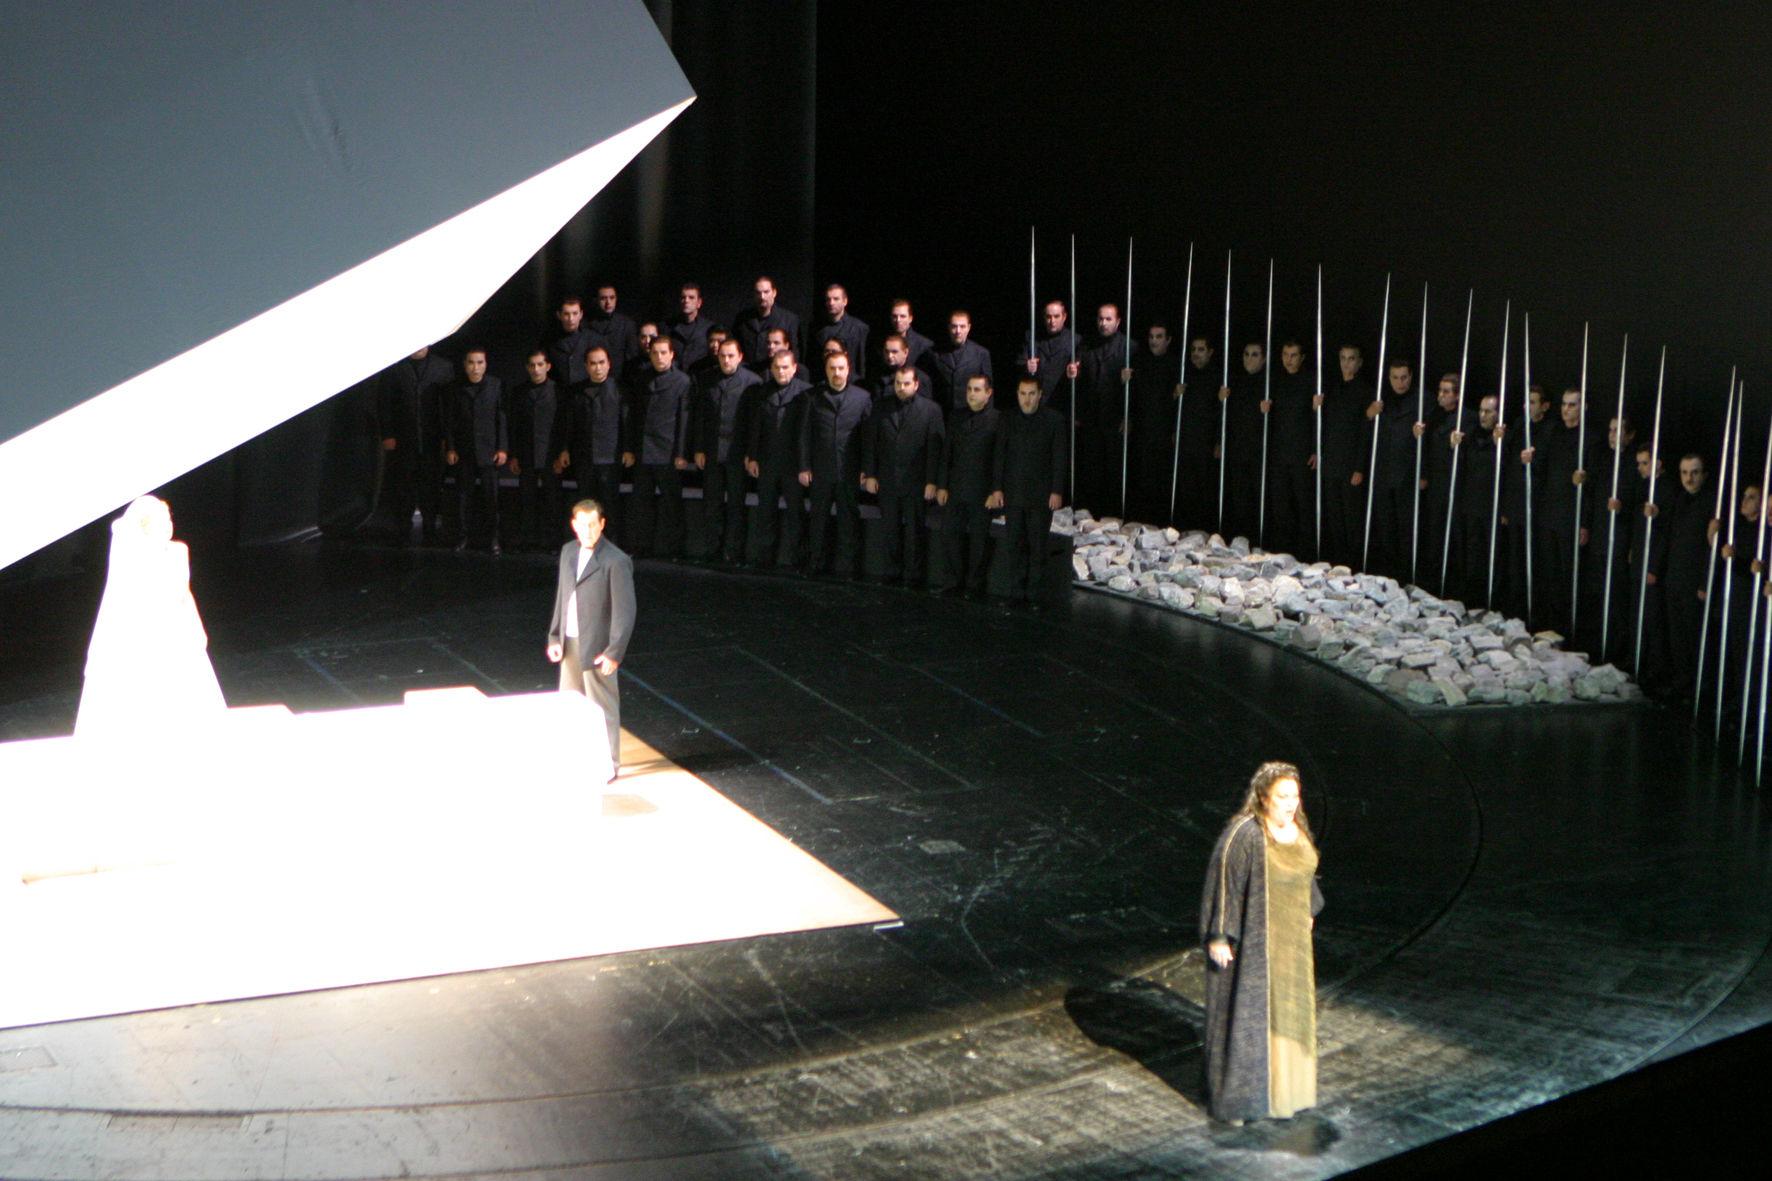 GötterdämmerungBadischesStaatstheater